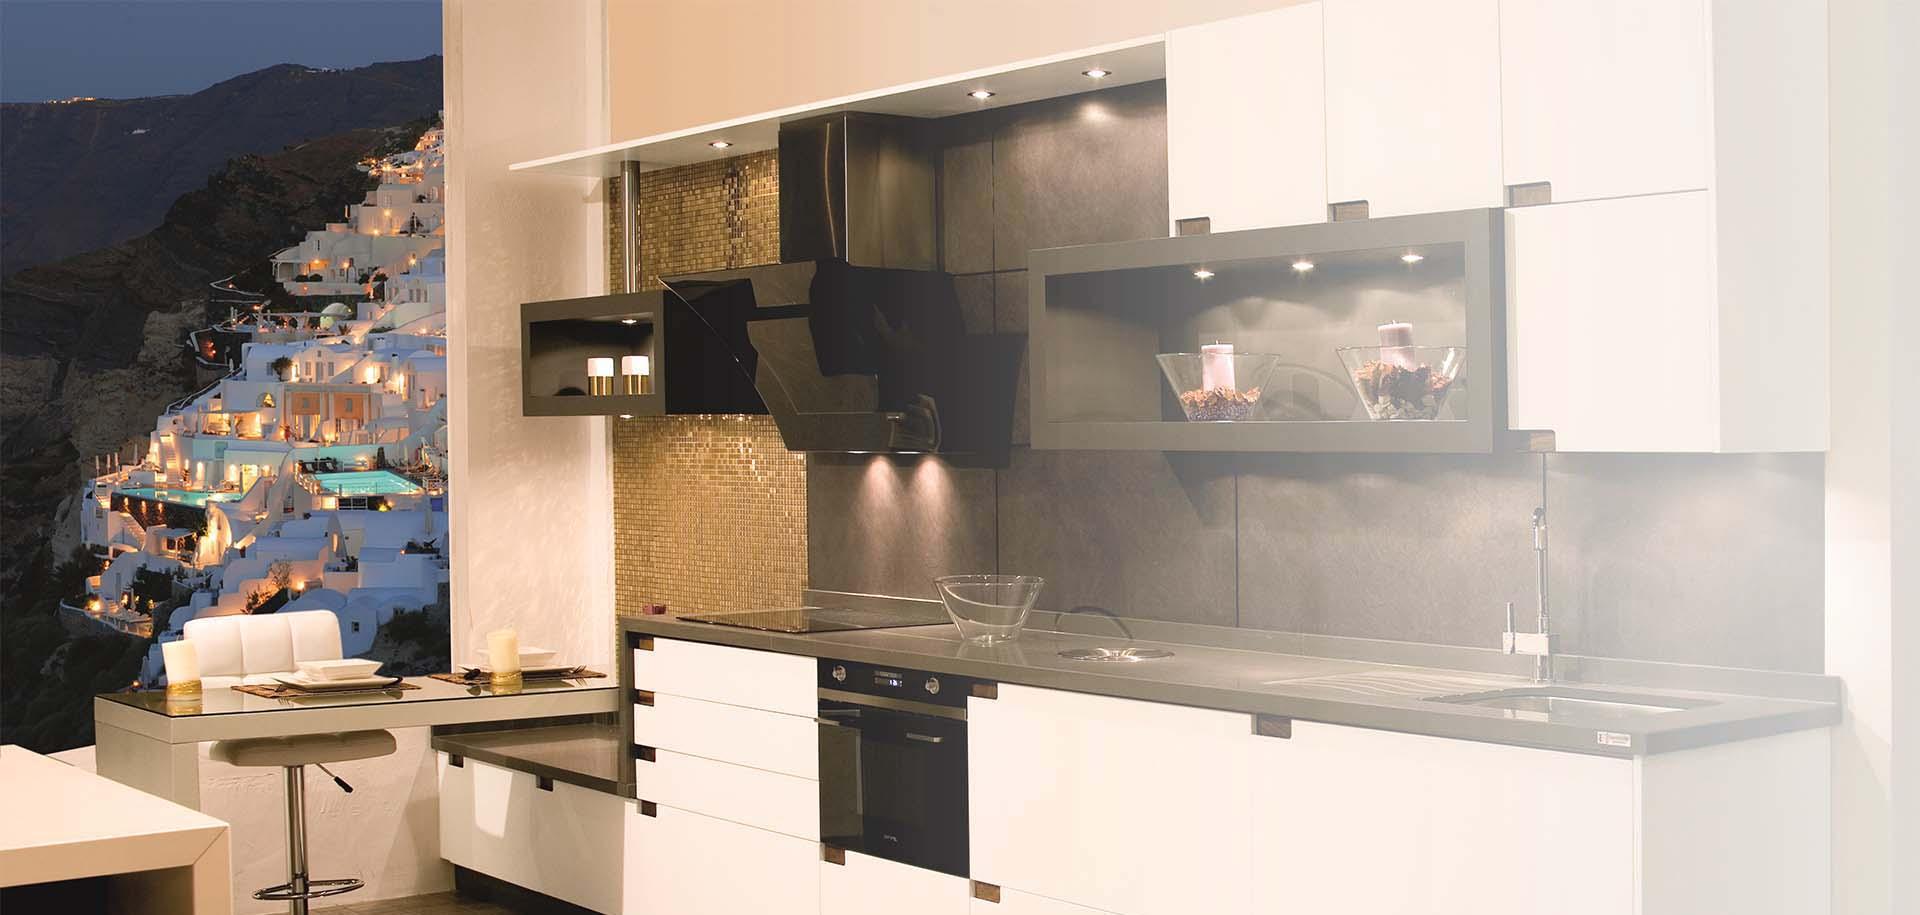 Muebles Sevilla Qwdq Cocinas Modernas En Sevilla Cocinas Lubay Sevilla